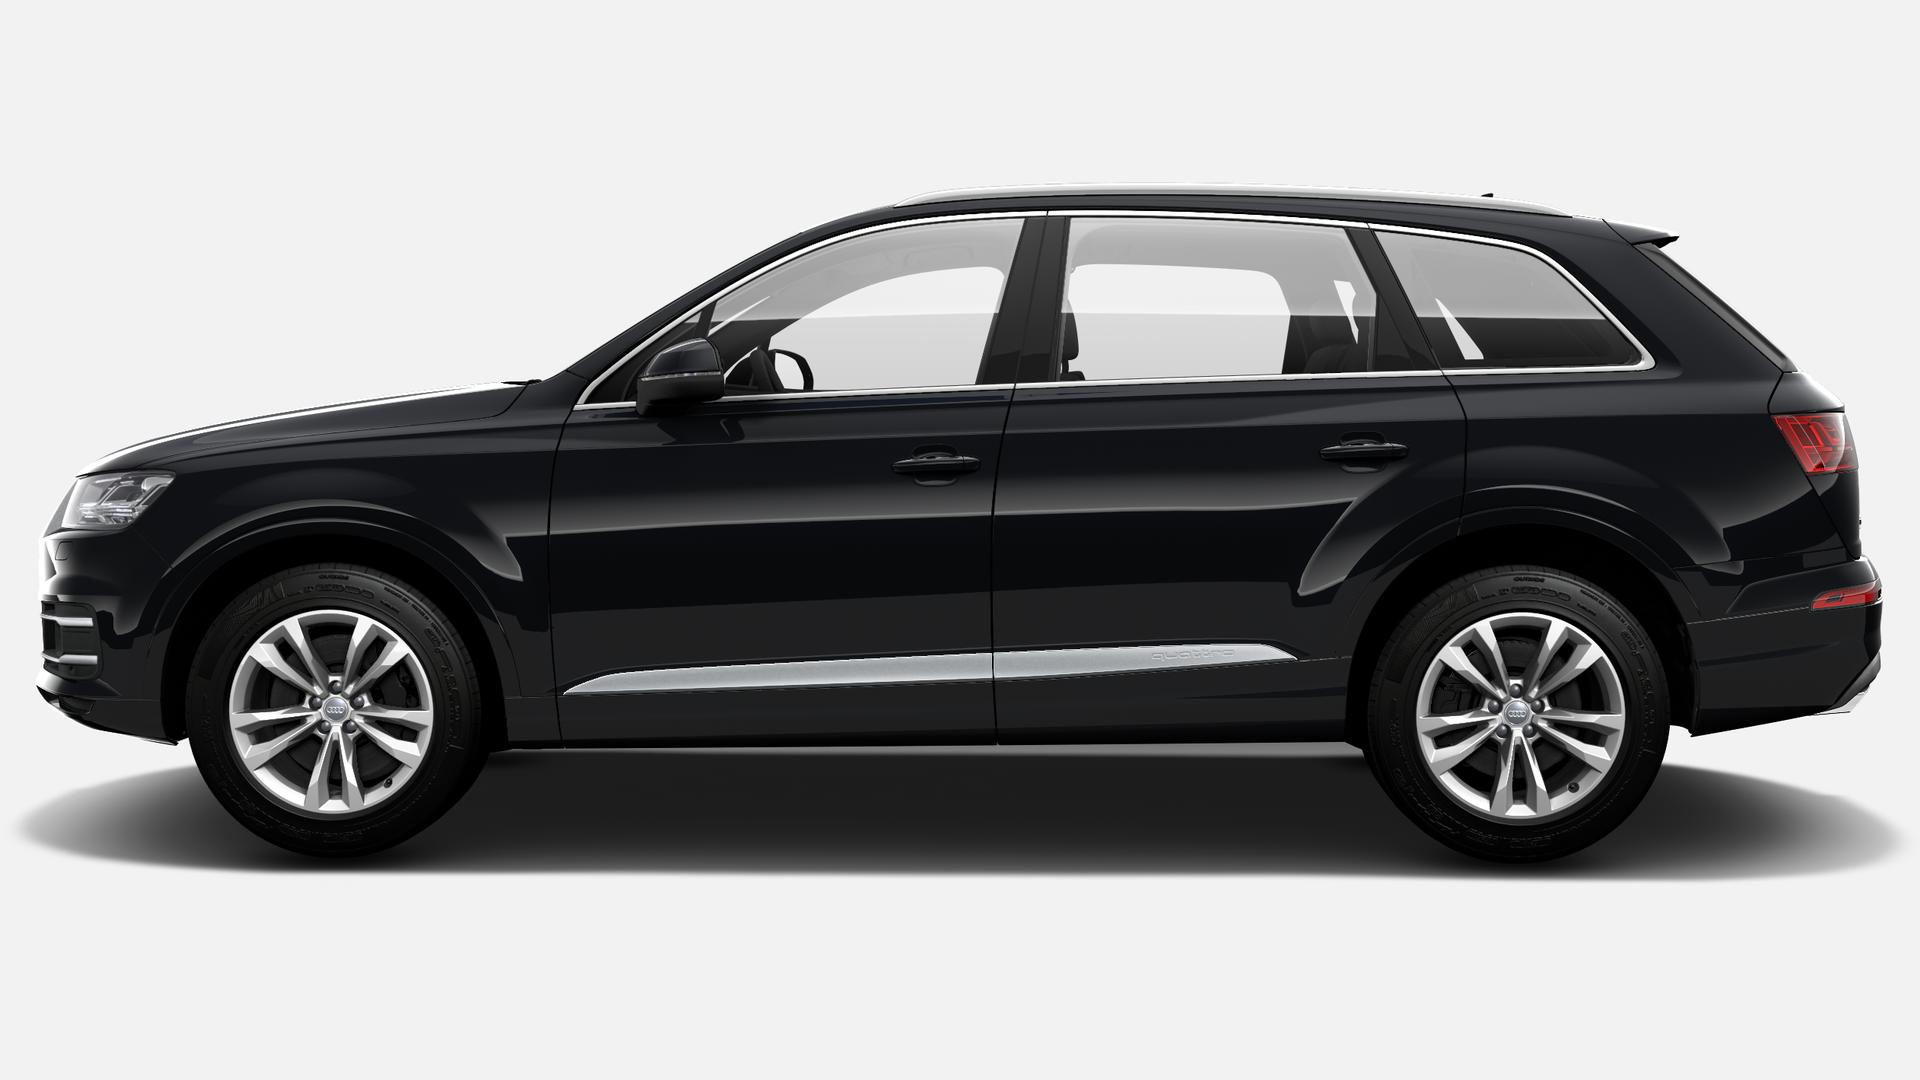 Vista Lateral izquierda de Audi Q7 50 TDI Design quattro tiptronic 210 kW (286 CV)